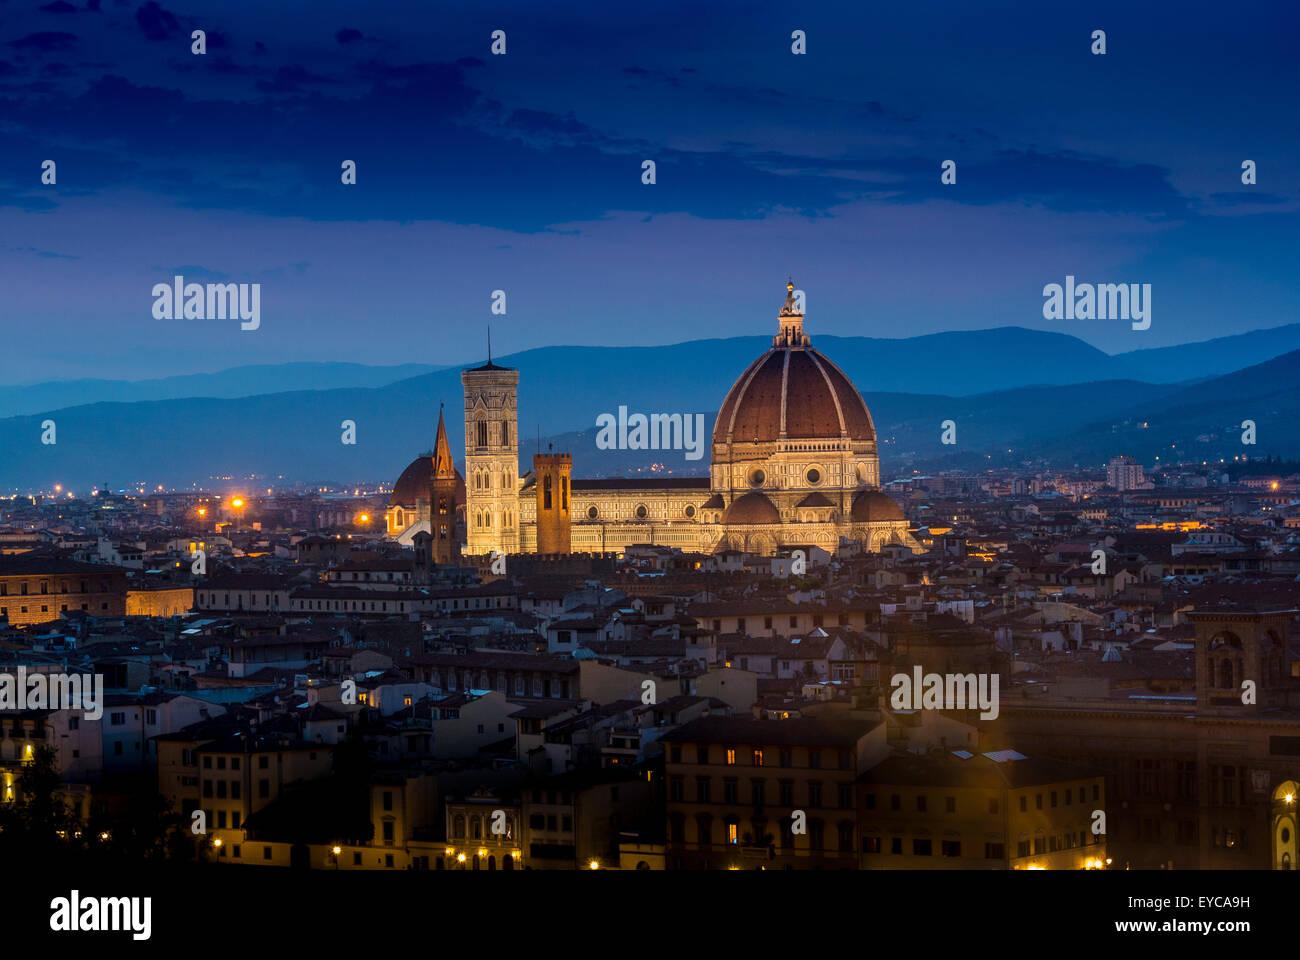 La cathédrale de Florence dans la nuit. Florence, Italie. Photo Stock